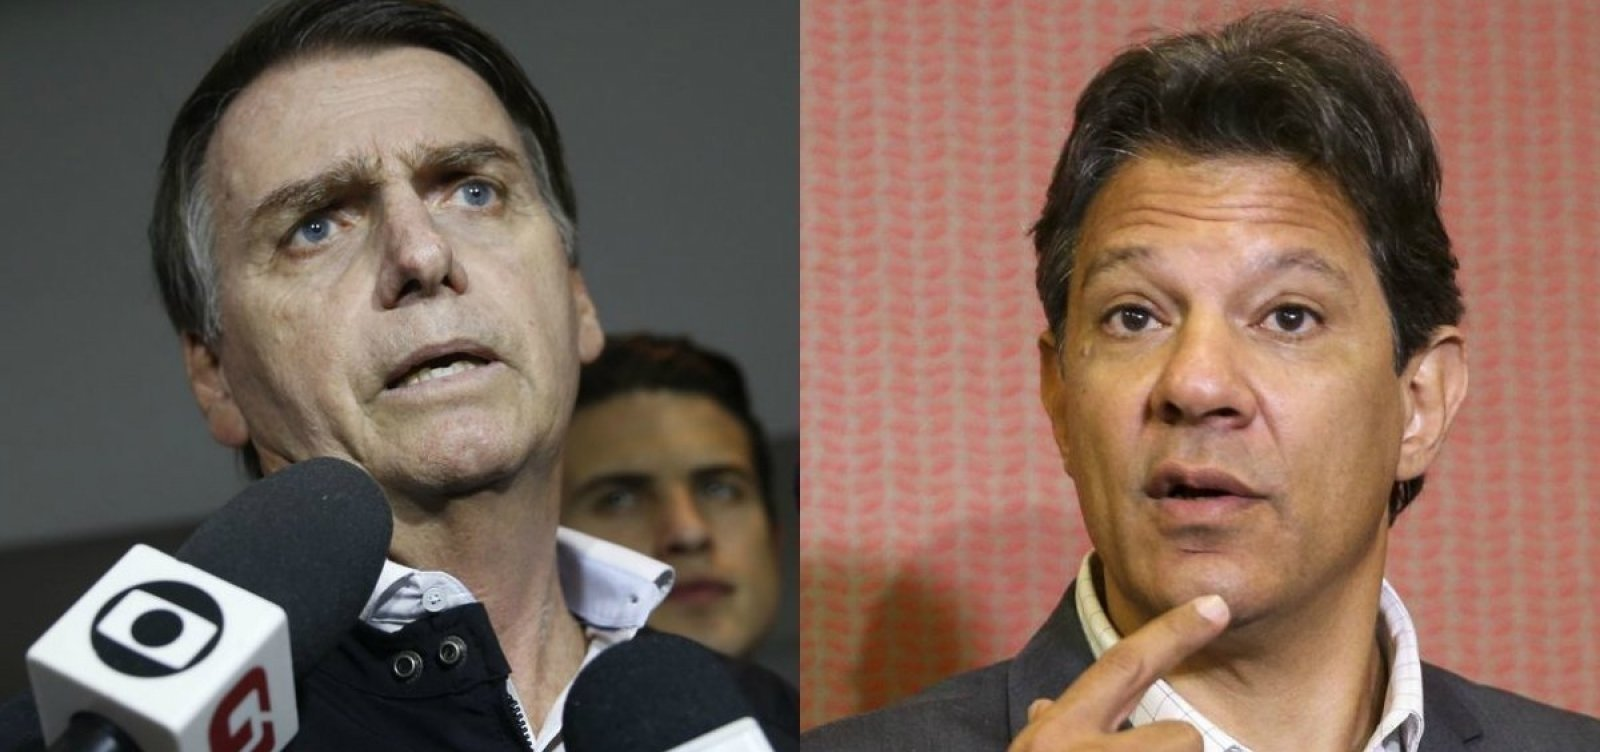 Após adiamento, TSE faz reunião com equipes de Bolsonaro e Haddad para discutir fake news